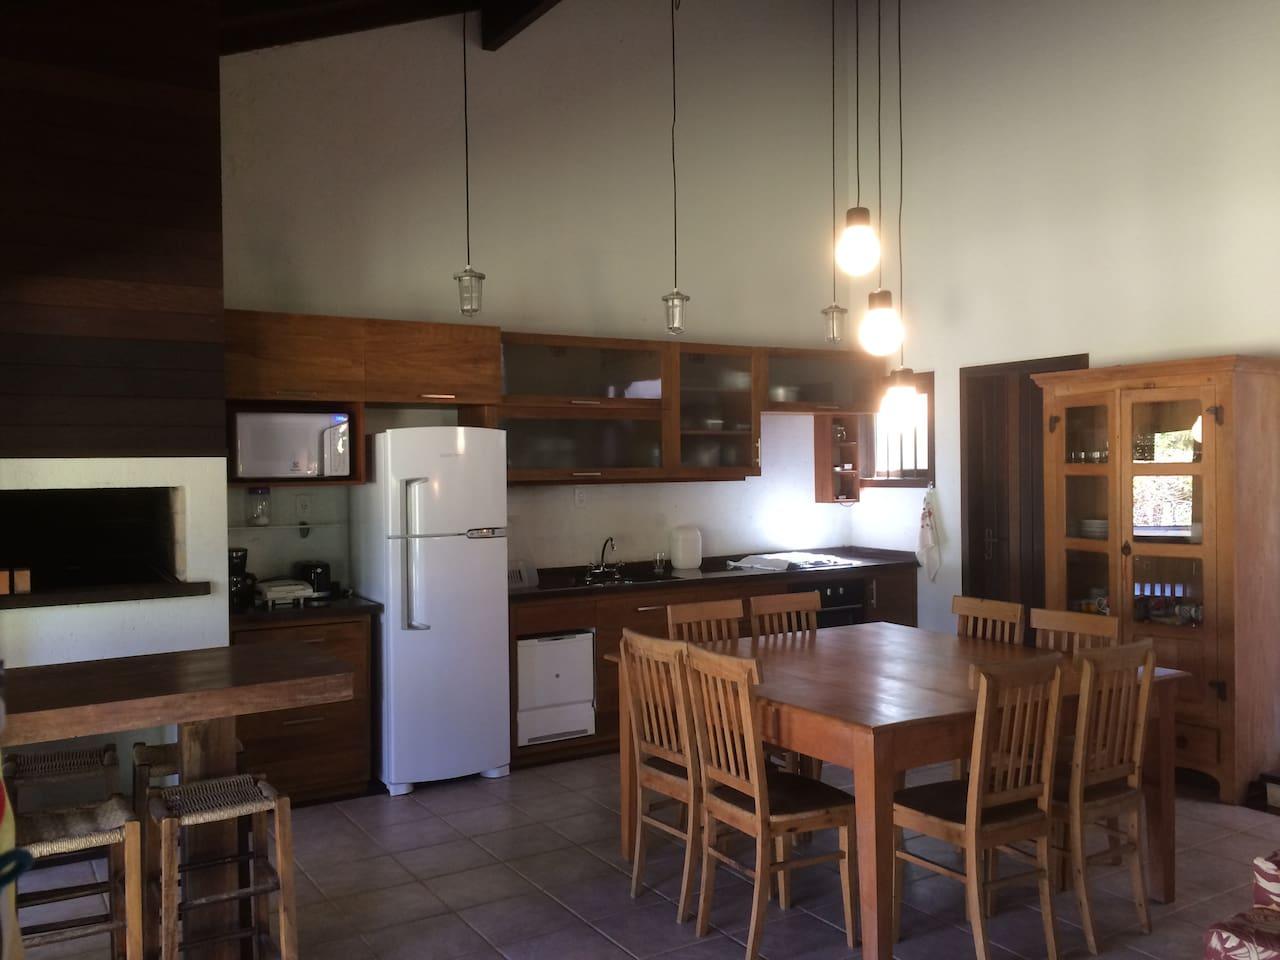 sala/cozinha com os equipamentos existentes